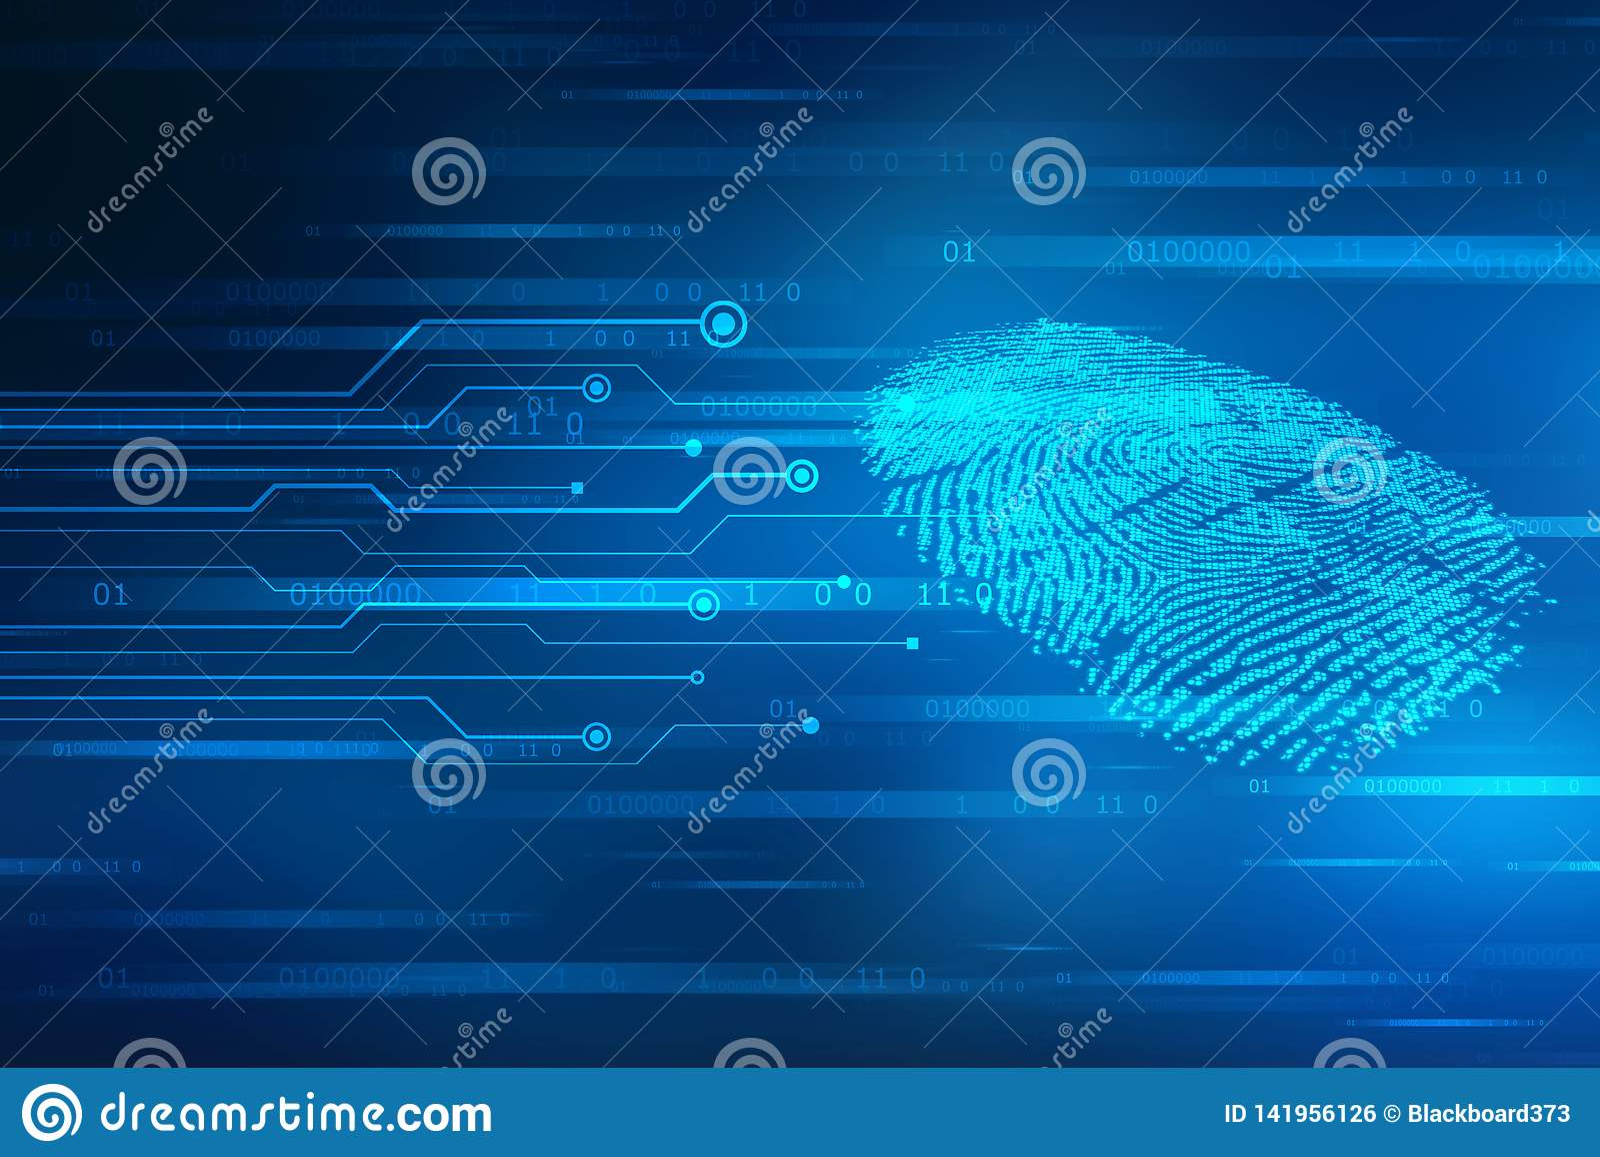 Säkerhetsbegrepp: fingeravtryckscanning på den digitala skärmen 2d illustration